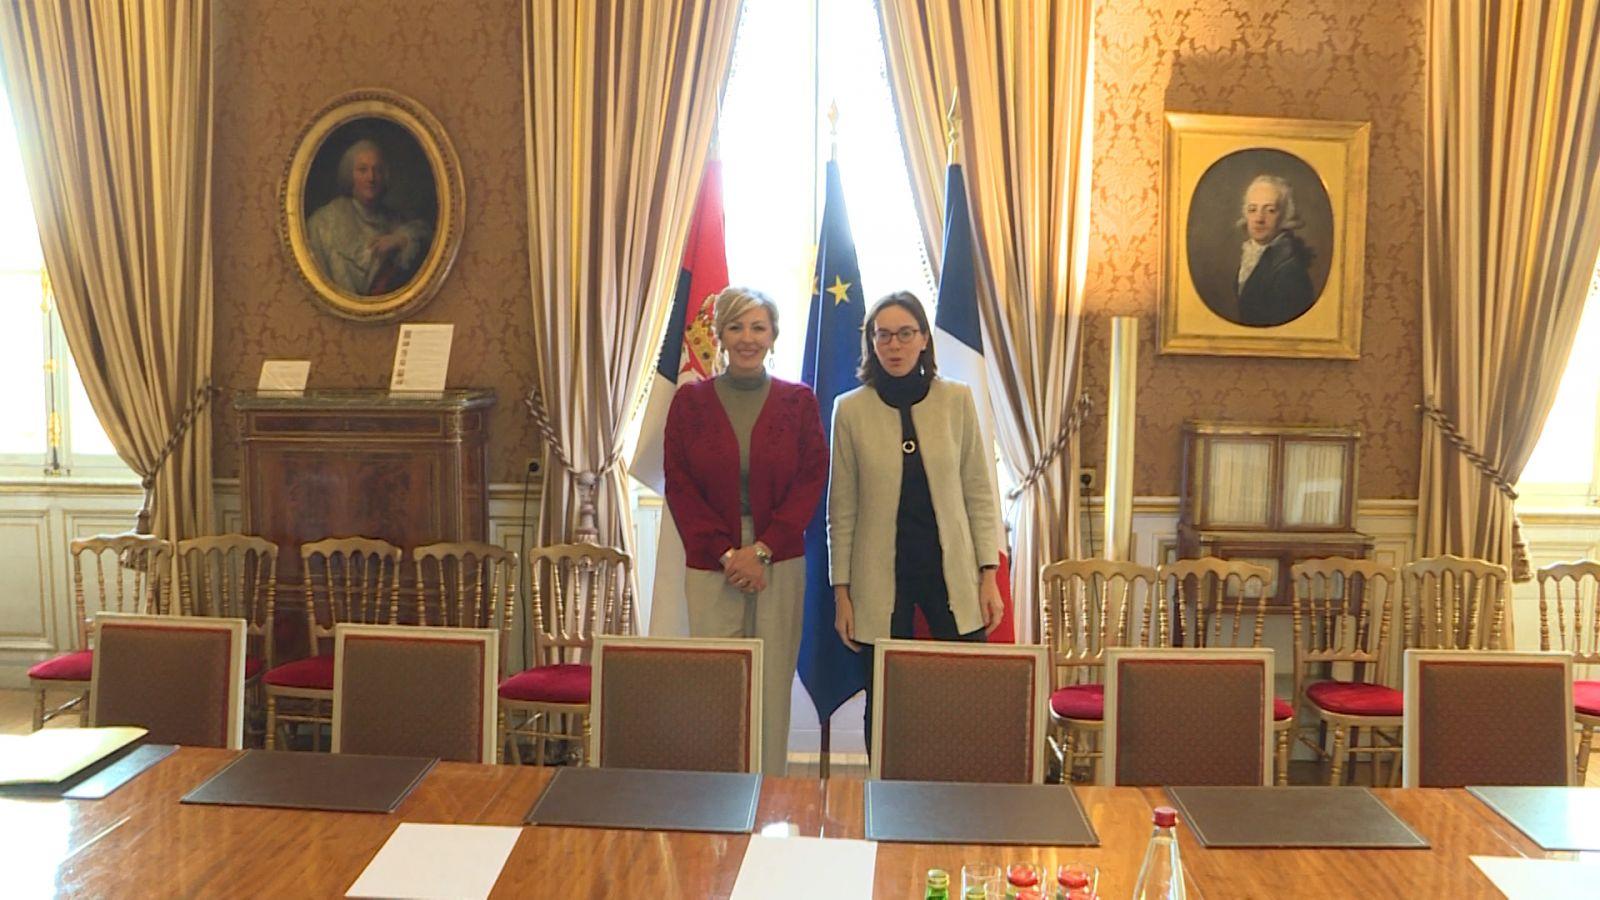 Ј. Јоксимовић: Отворено и конструктивно о свим аспектима европских интеграција